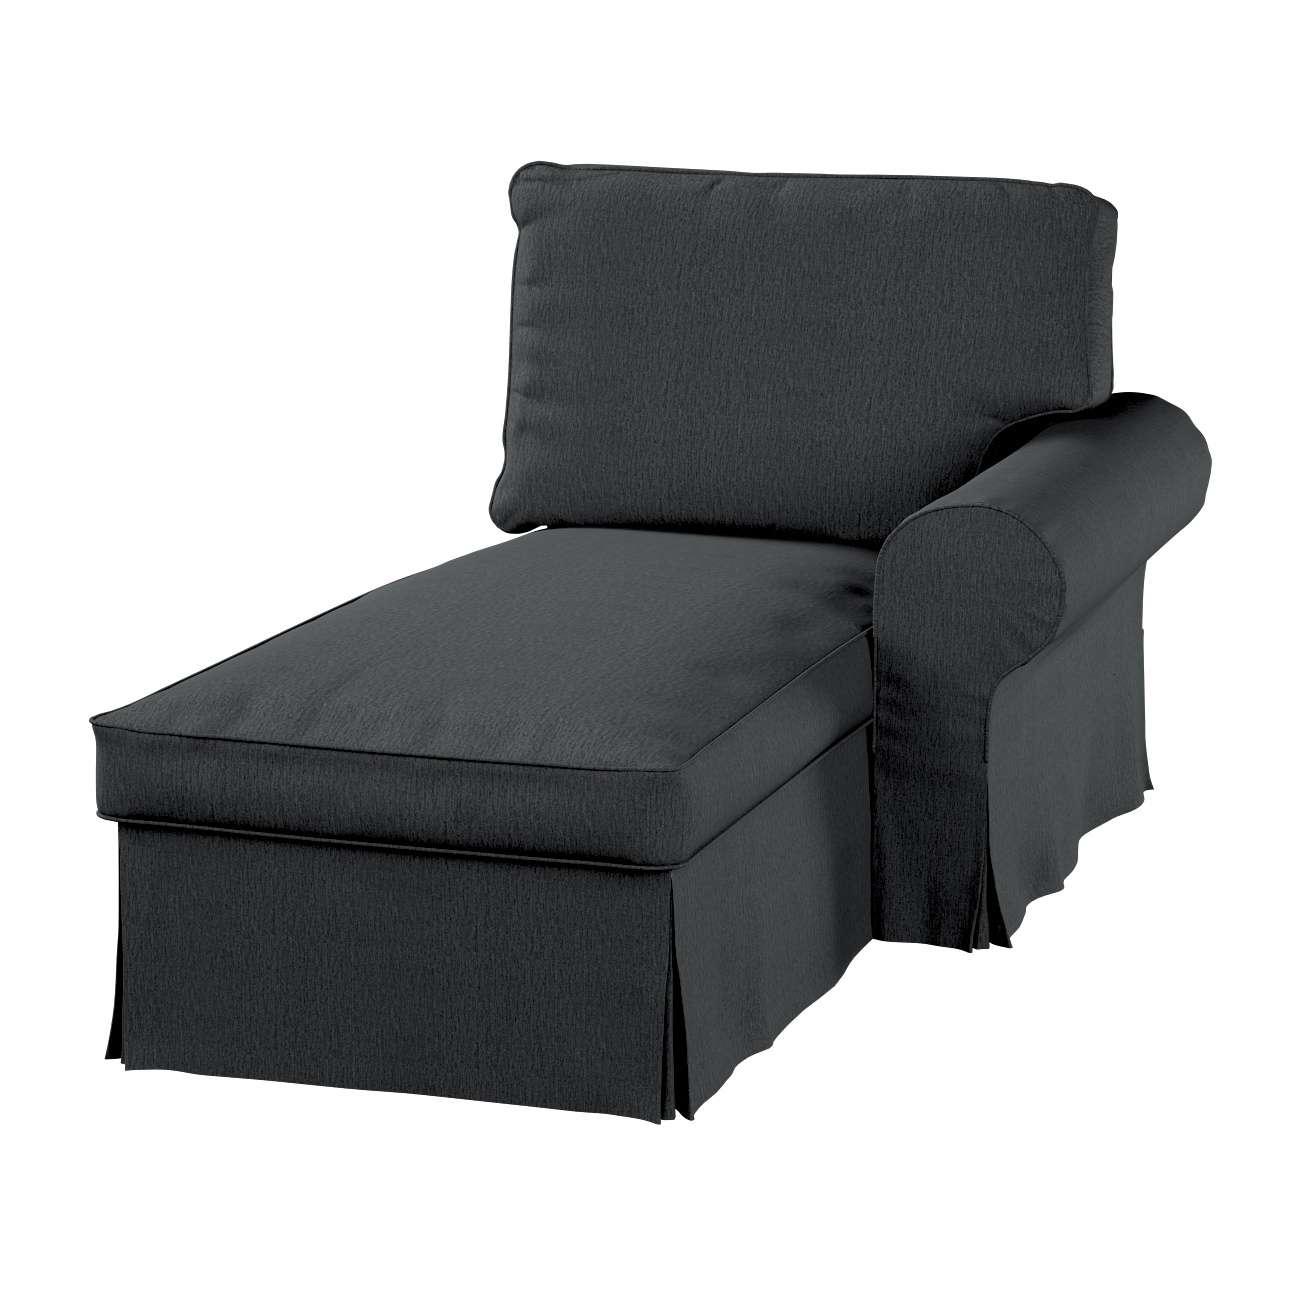 Ektorp gulimajo krėslo užvalkalas  (su porankiu, dešiniojo) Ektorp gulimojo krėslo užvalkalas su porankiu (dešiniojo) kolekcijoje Chenille, audinys: 702-20